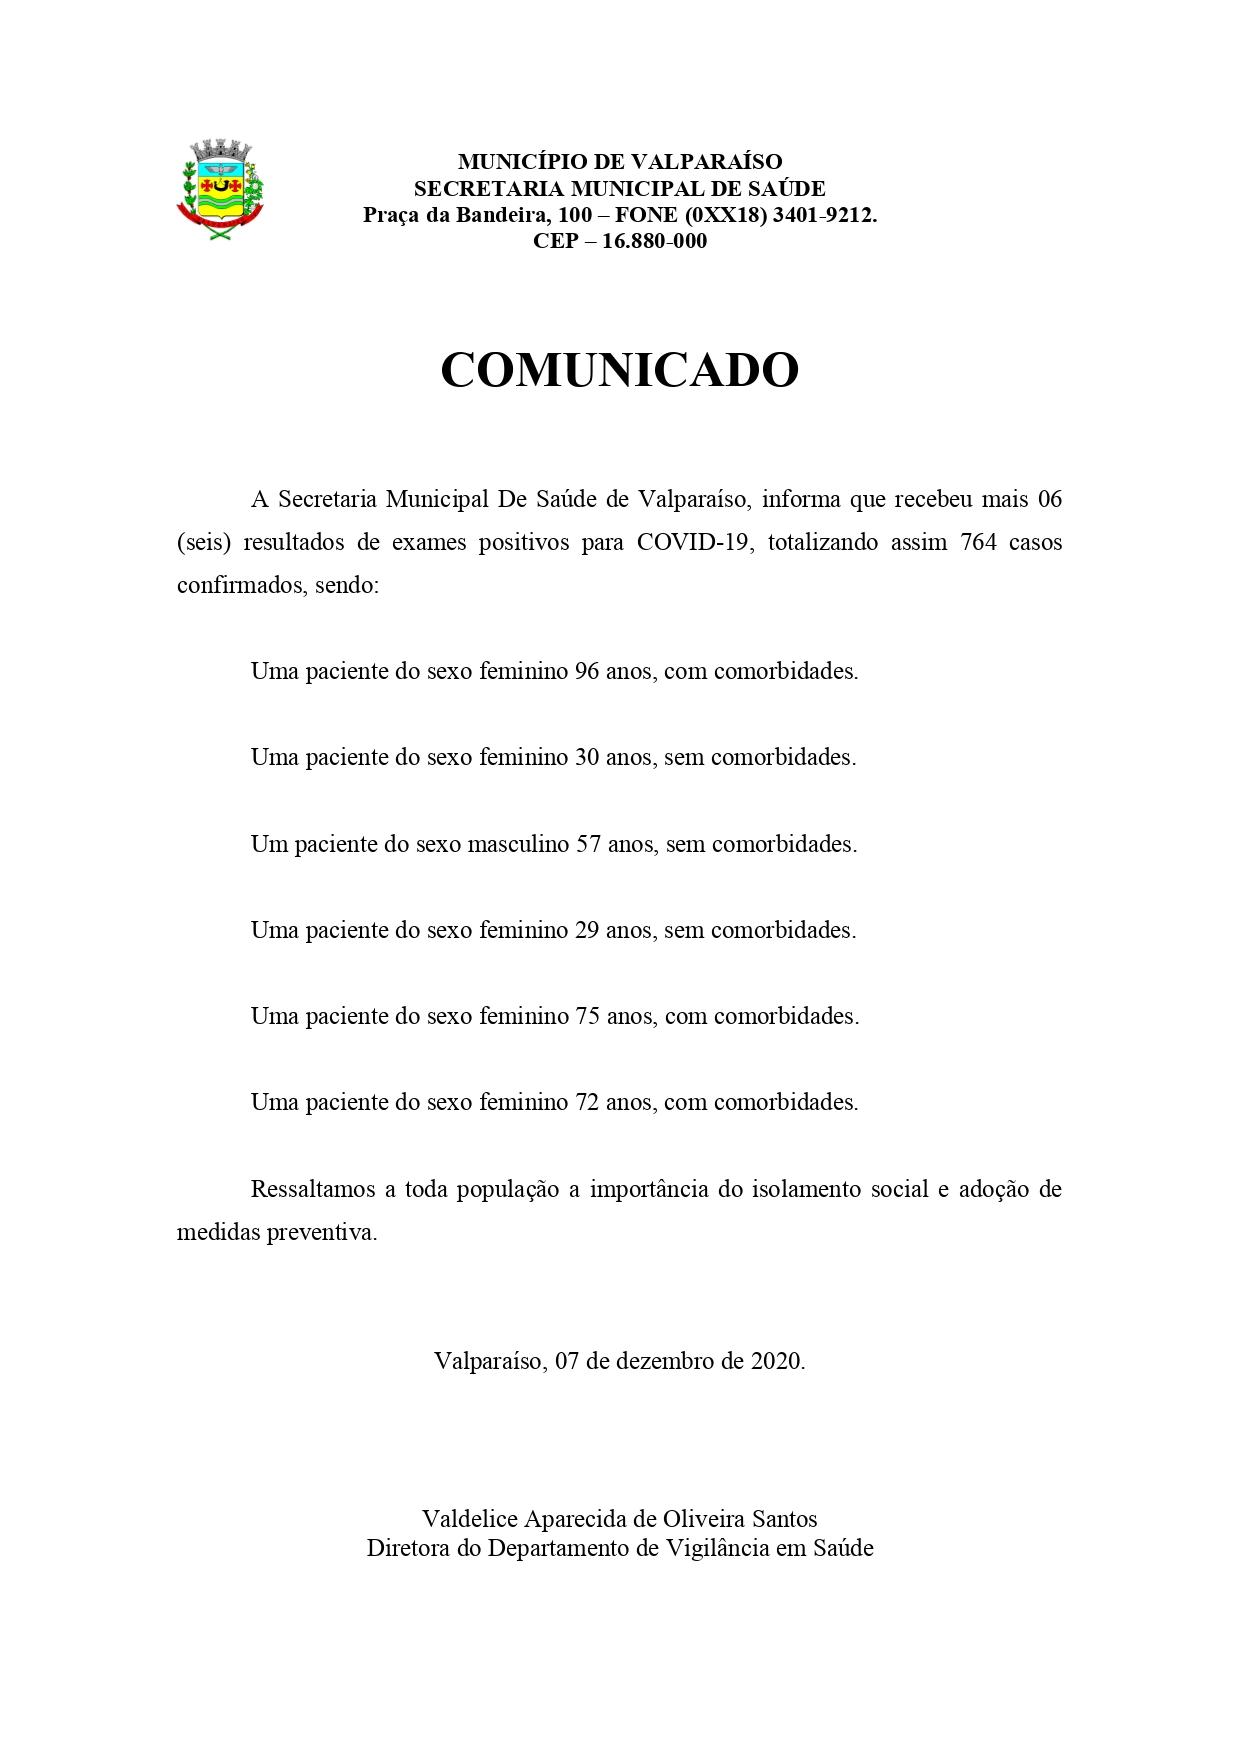 covid764